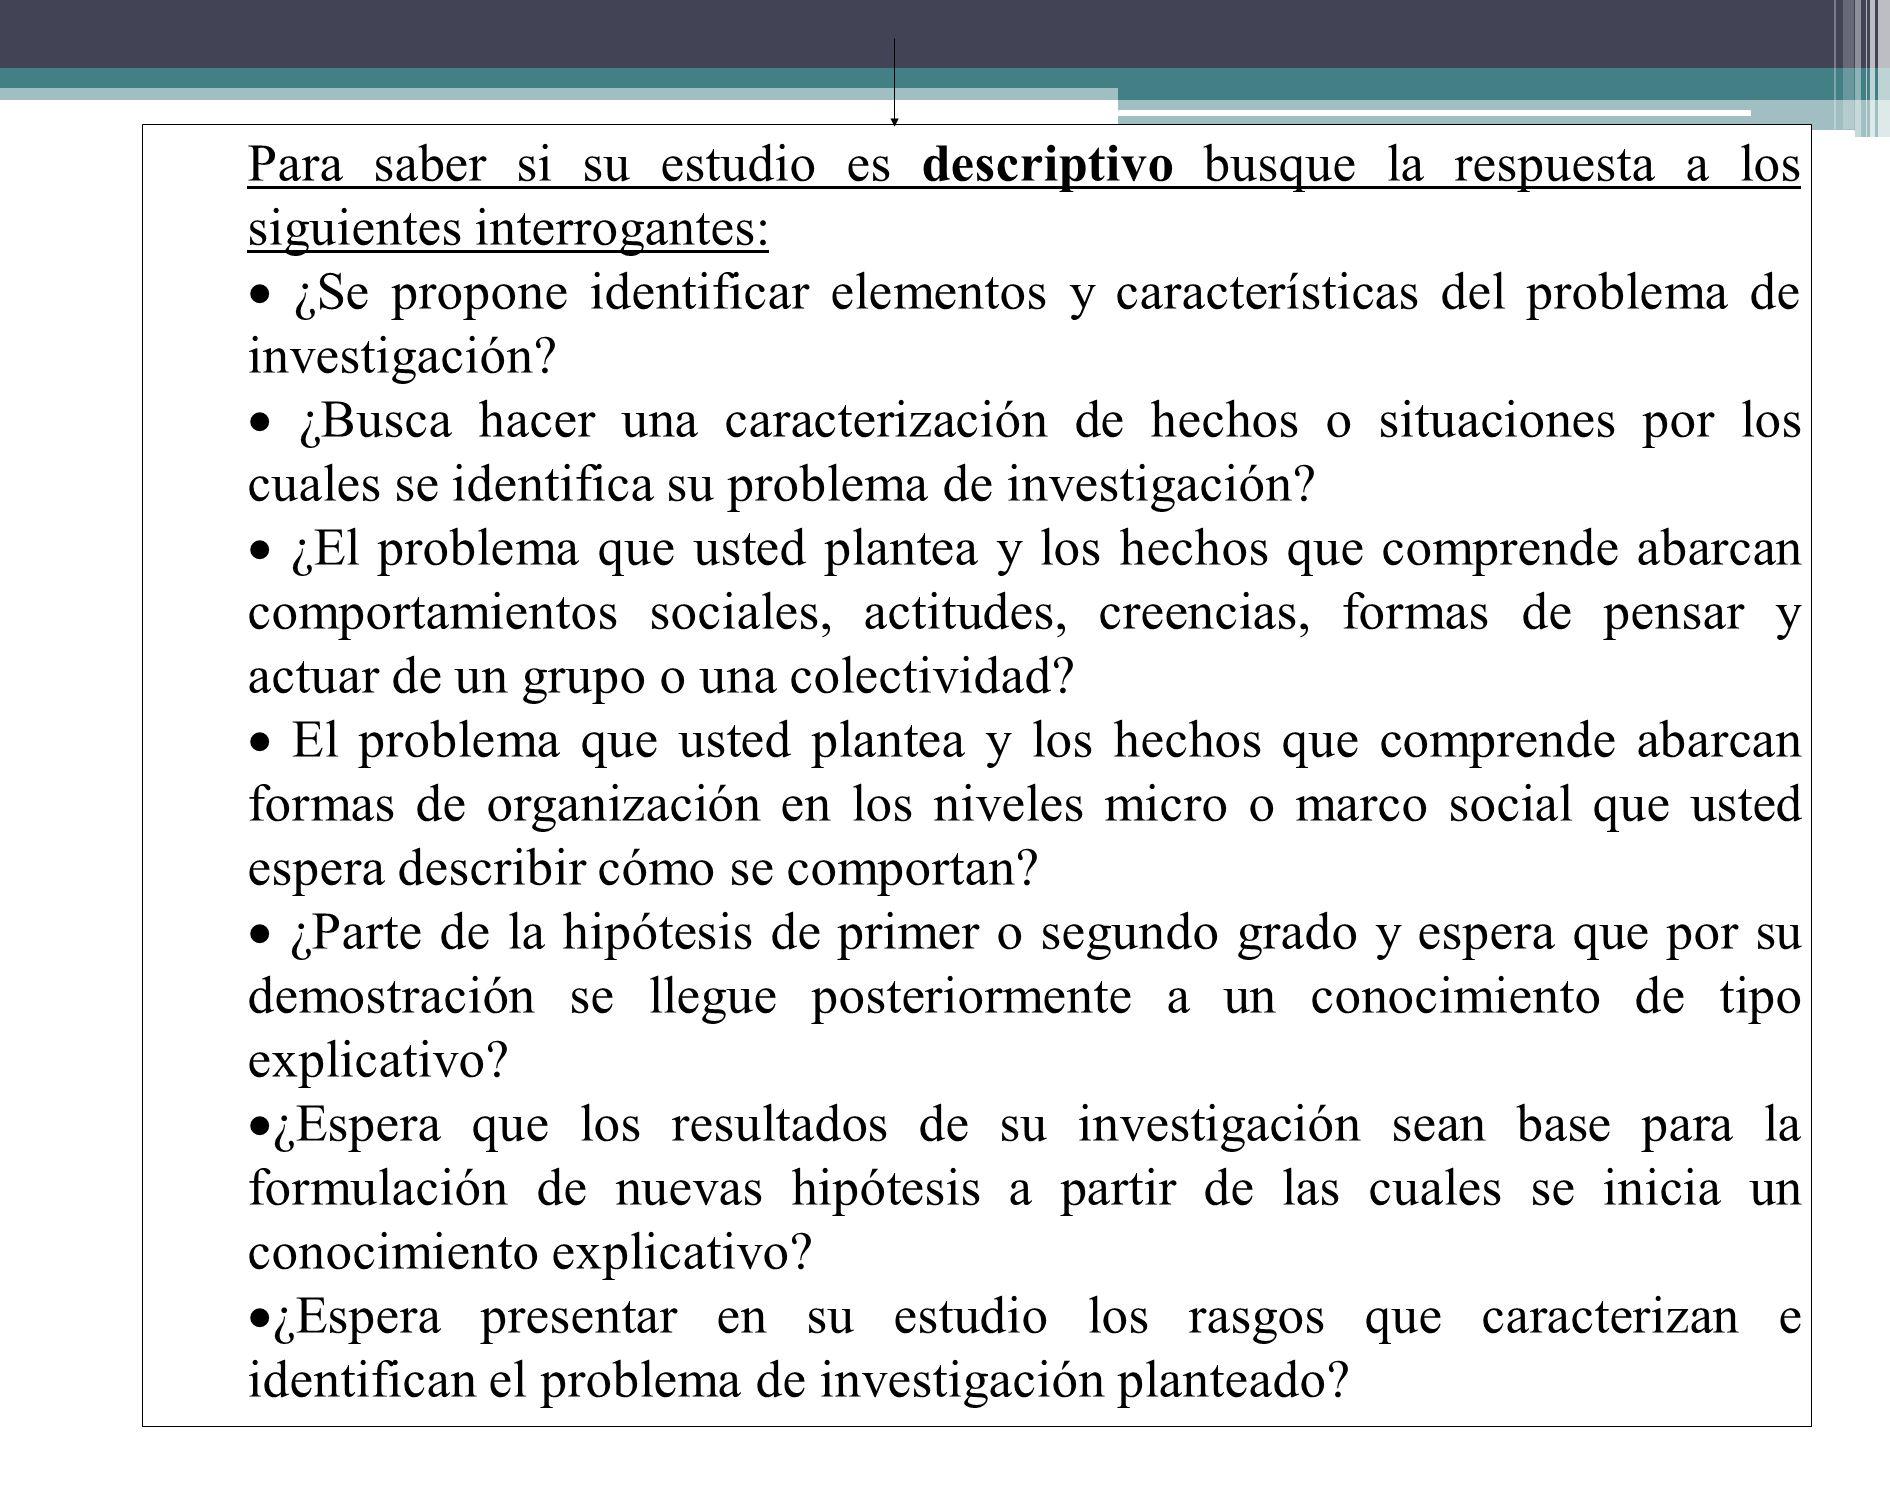 Si su respuesta es negativa a todas las preguntas planteadas en el numeral 1 y no encuentra otras figuras que le señalen el carácter exploratorio del